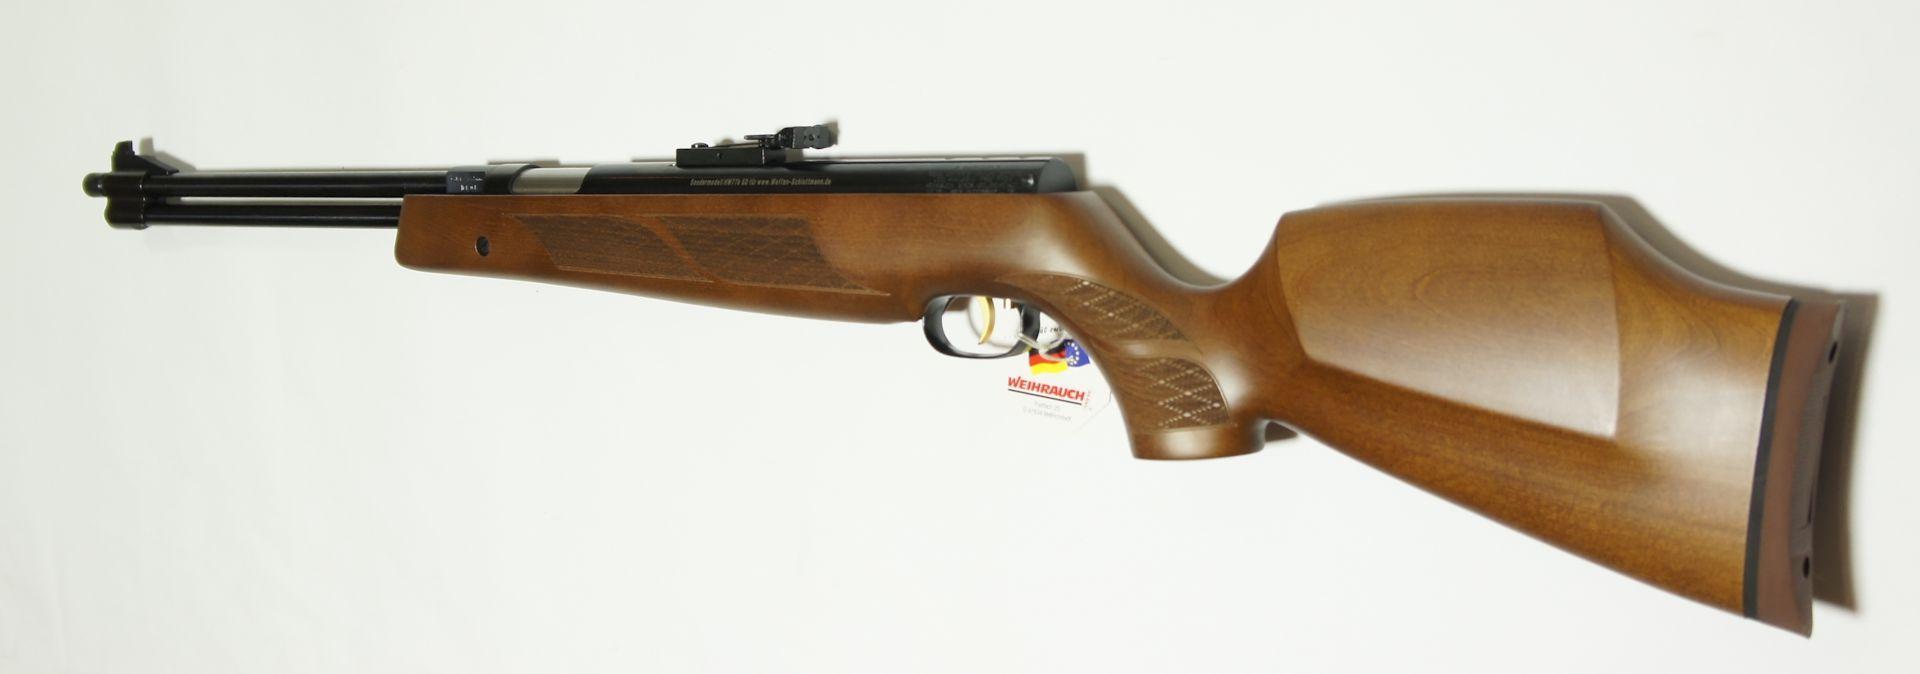 Der höhere Schaft an diesem Luftgewehr ist für das Schießen mit Optiken optimiert.